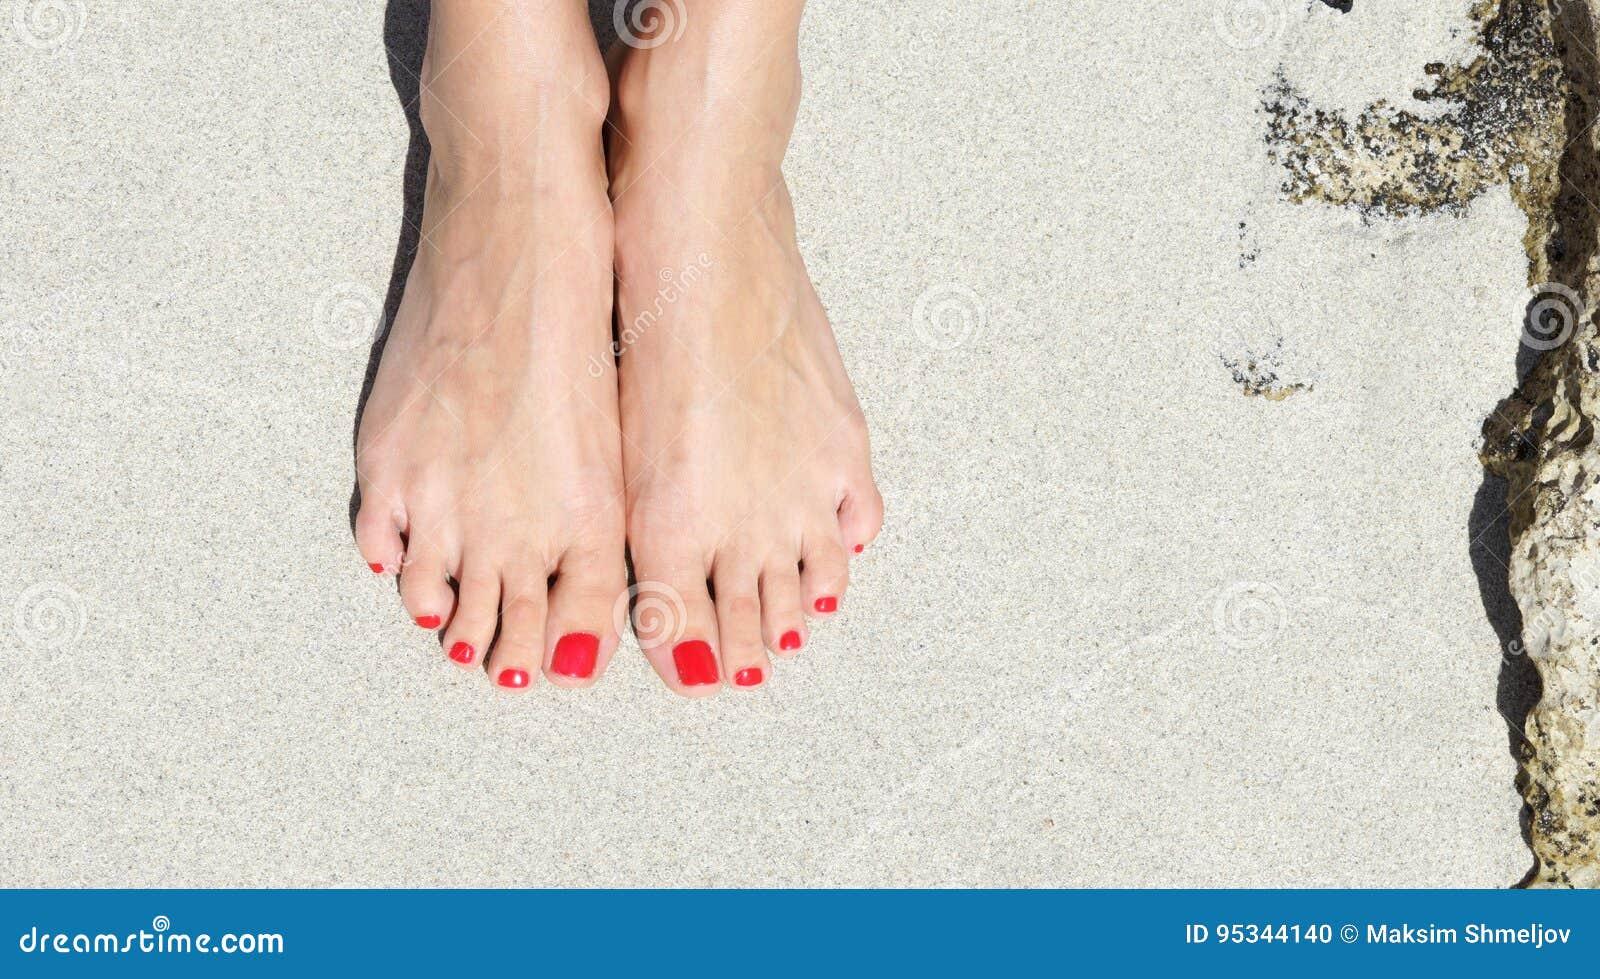 Hübsche füße